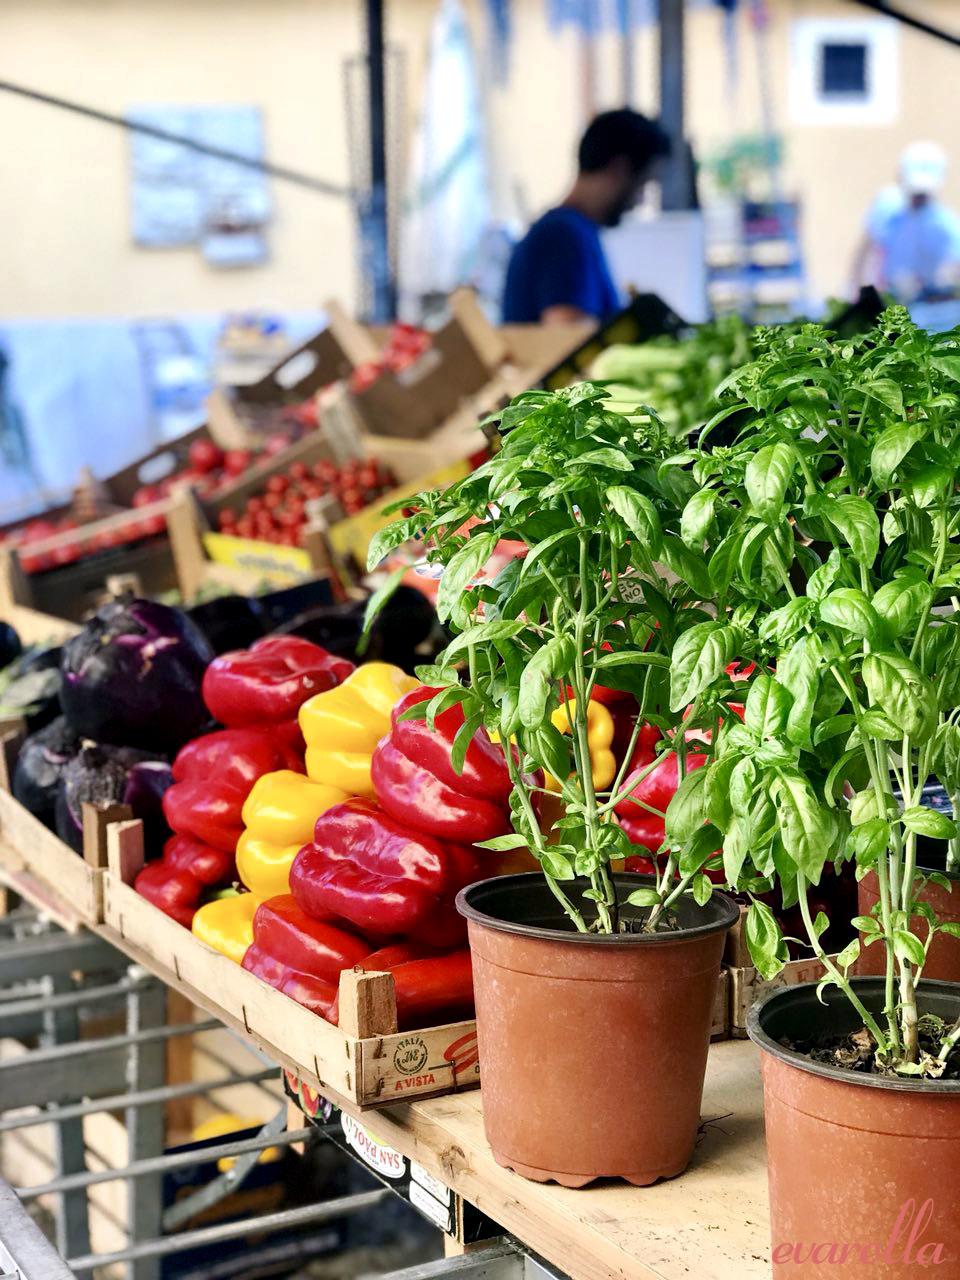 paprika basilikum mercato del capo palermo